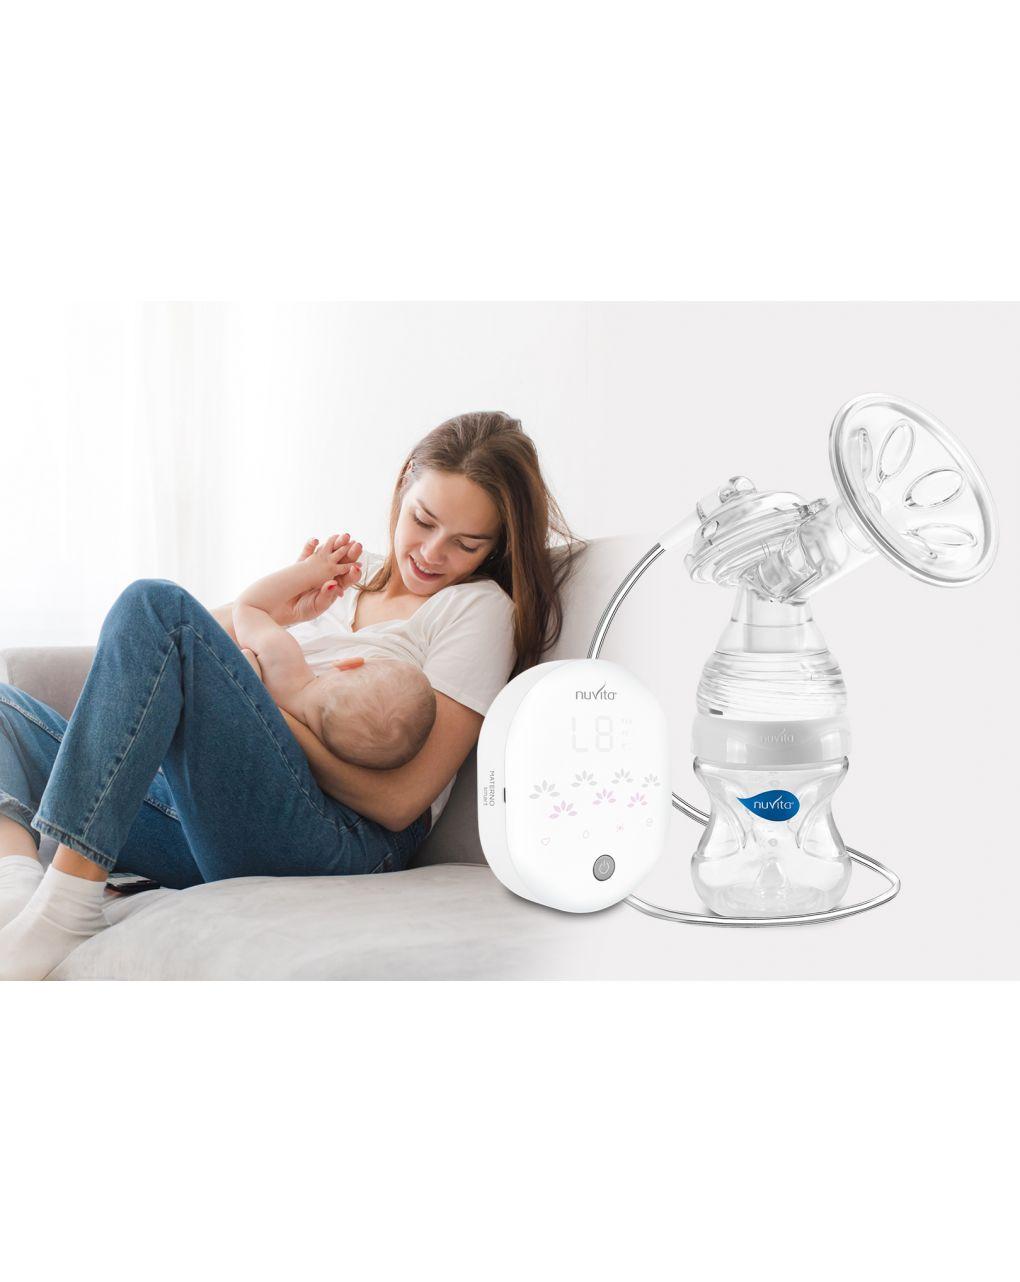 Tiralatte elettrico a 3 fasi - materno smart 1287m - Nuvita